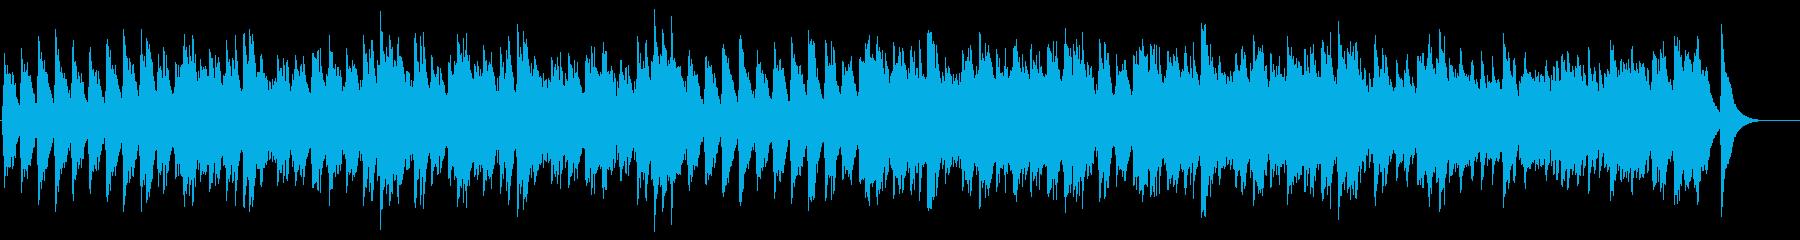 浦島太郎 の再生済みの波形